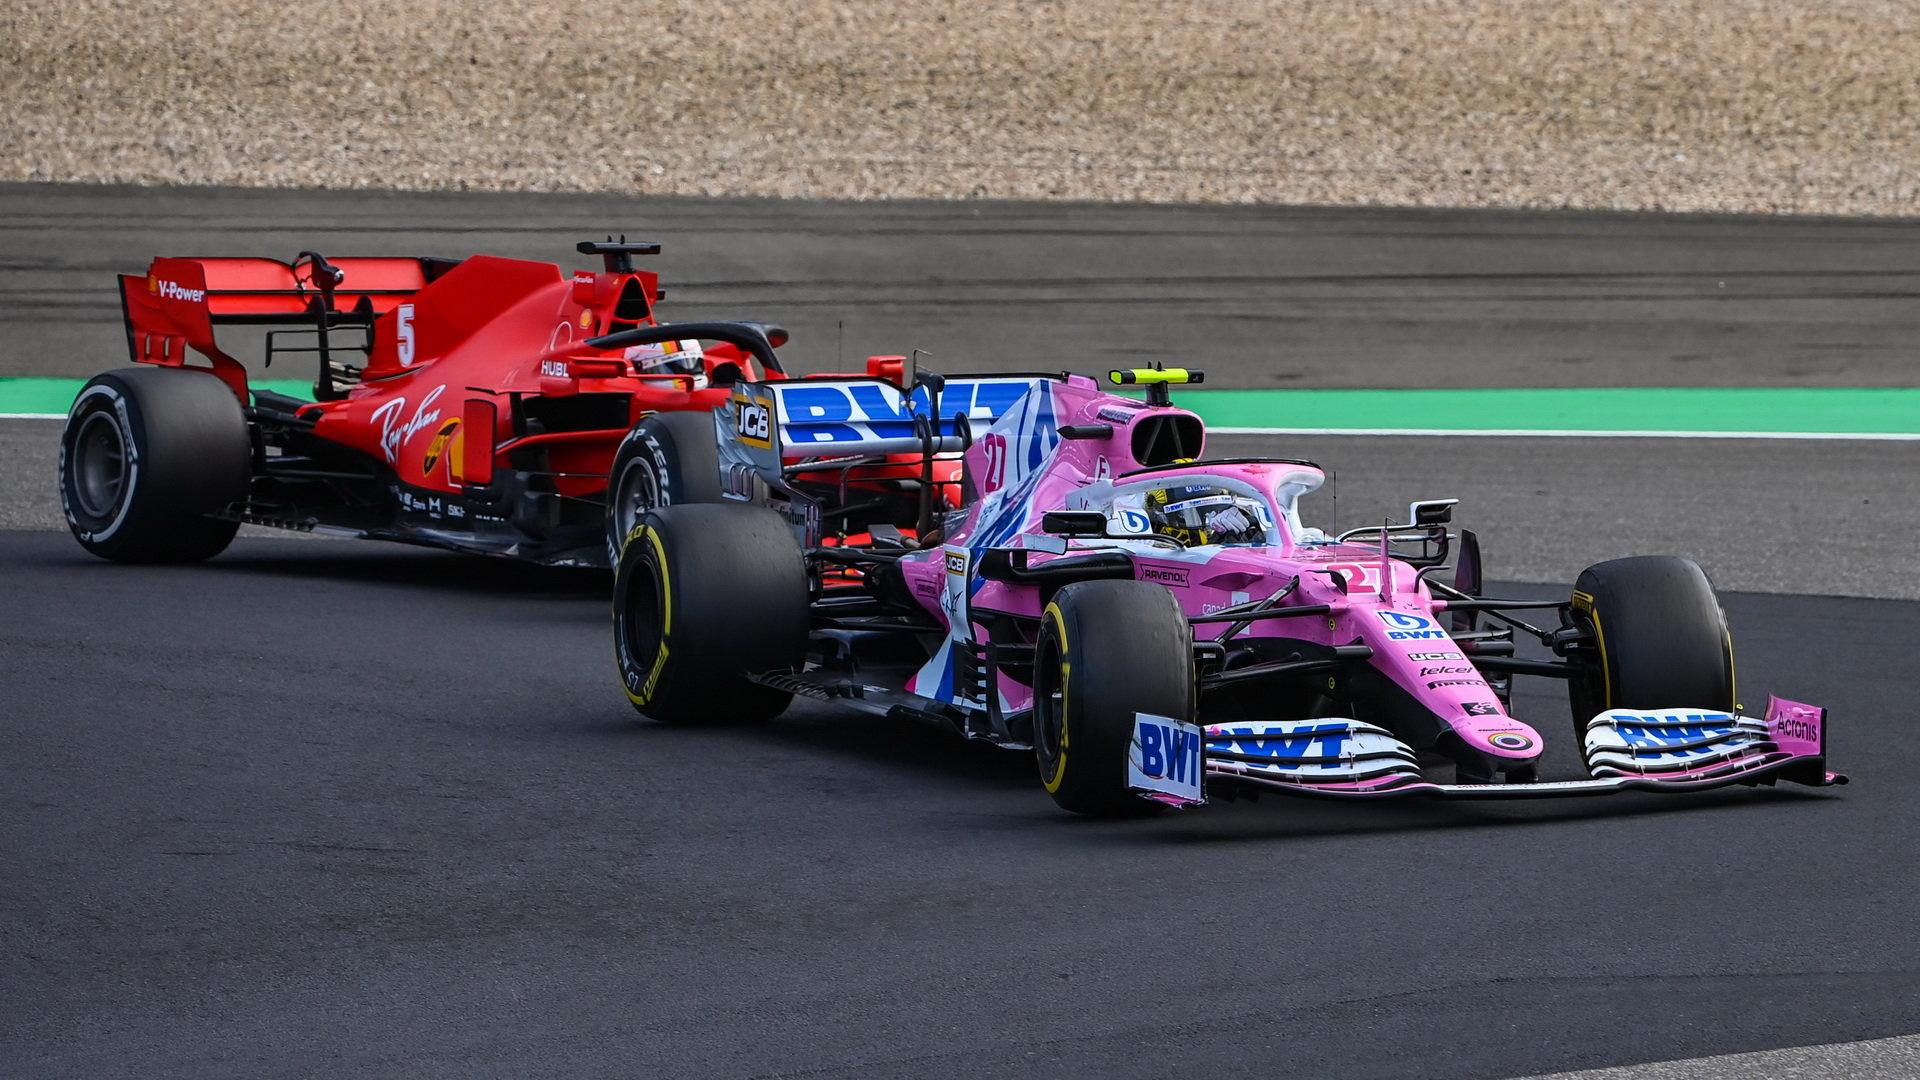 Nico Hülkenberg před svým krajanem Sebastianen Vettelem na Nürburgringu